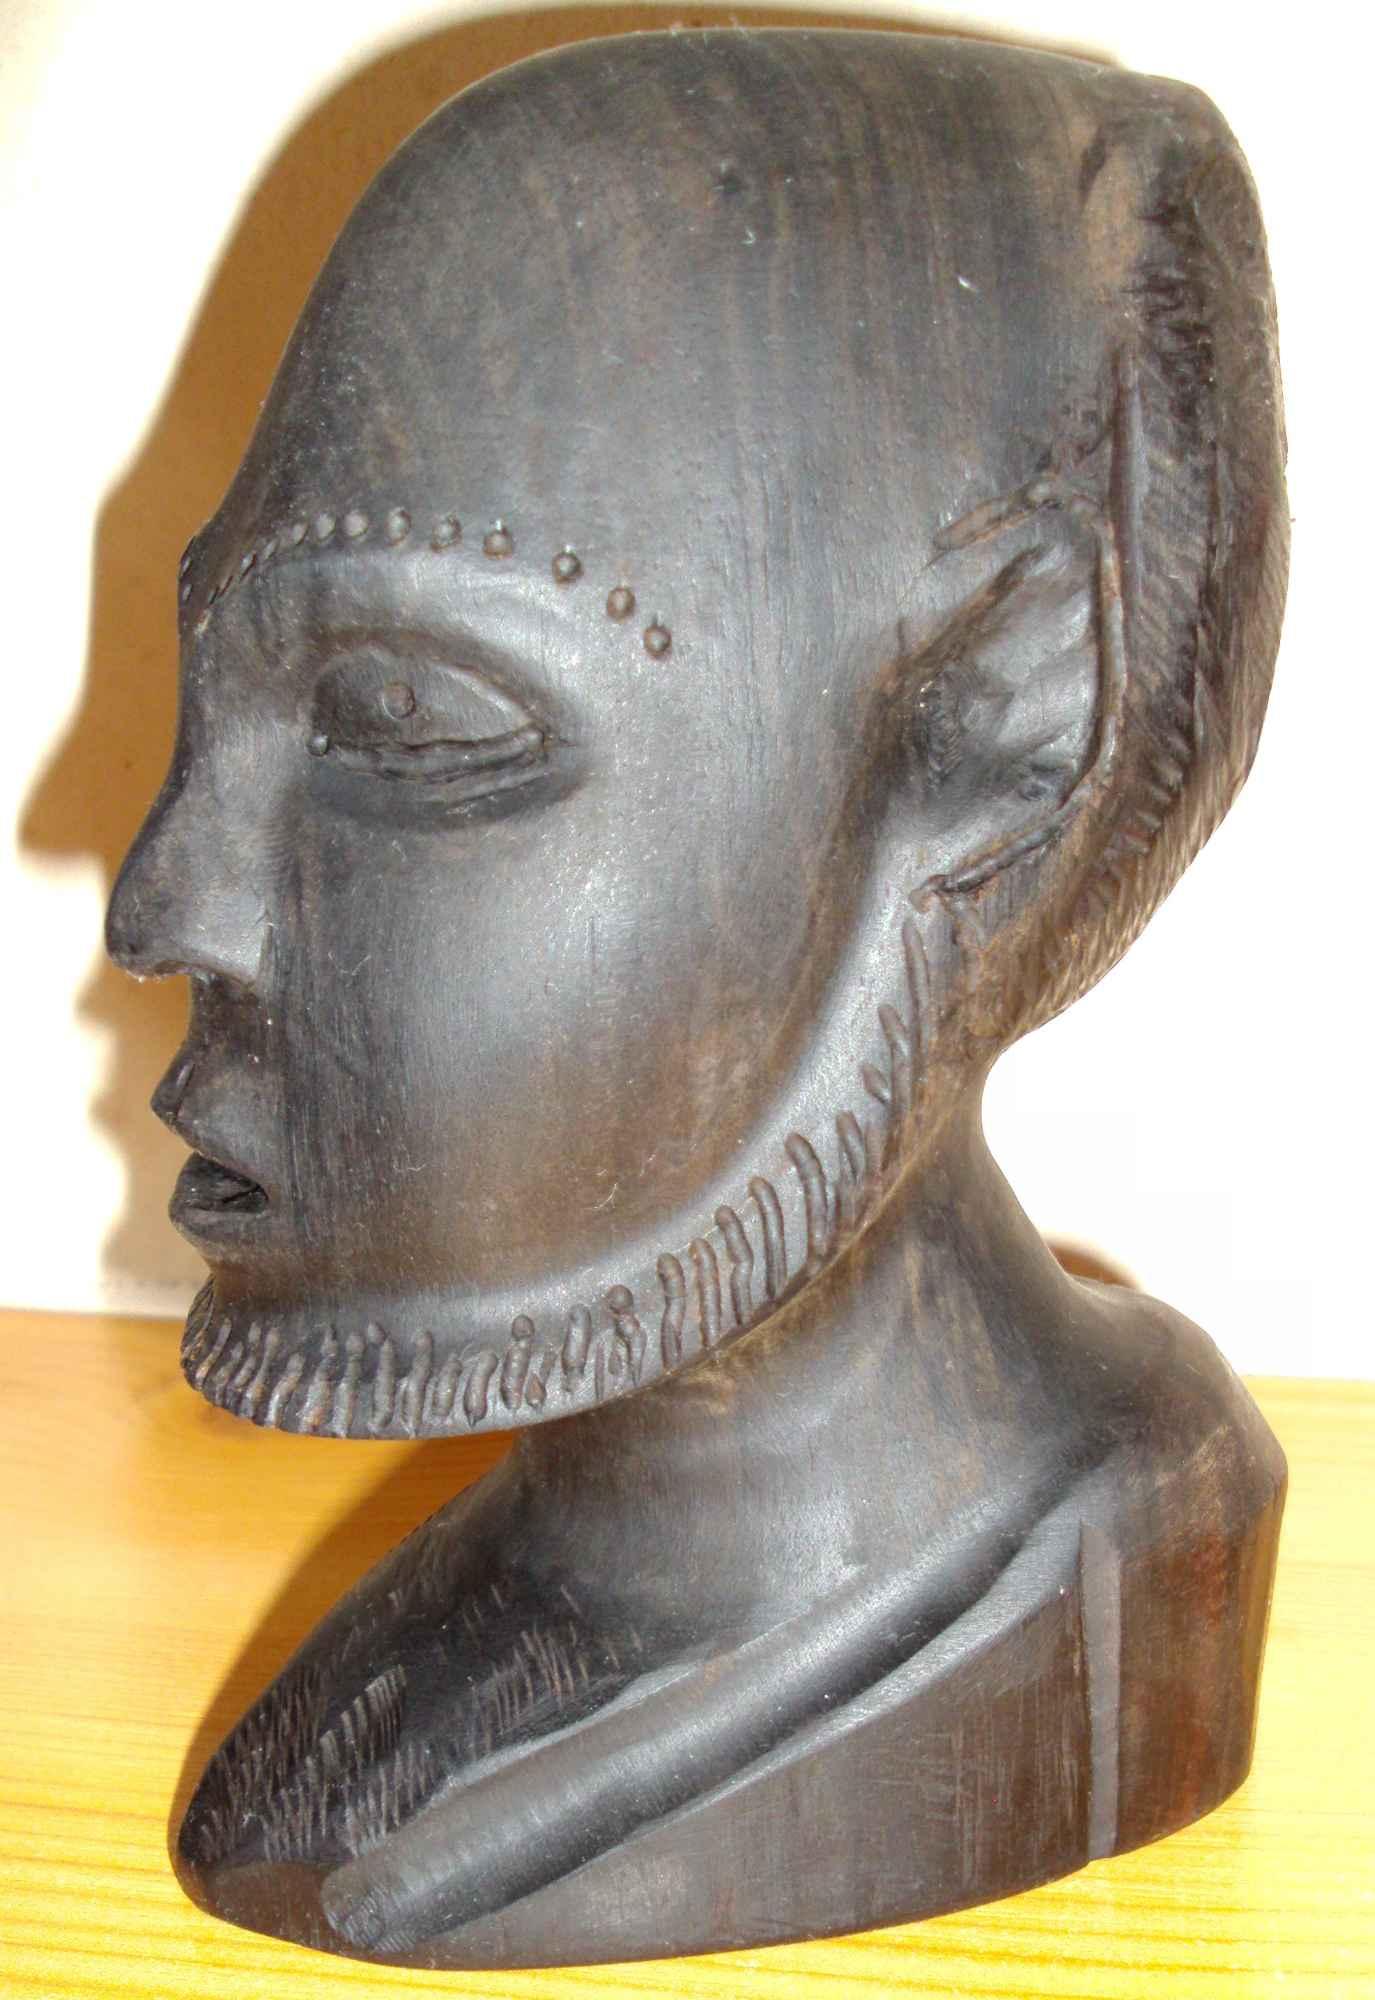 Sztuka afrykańska - 3 głowy z hebanu Śródmieście - zdjęcie 4